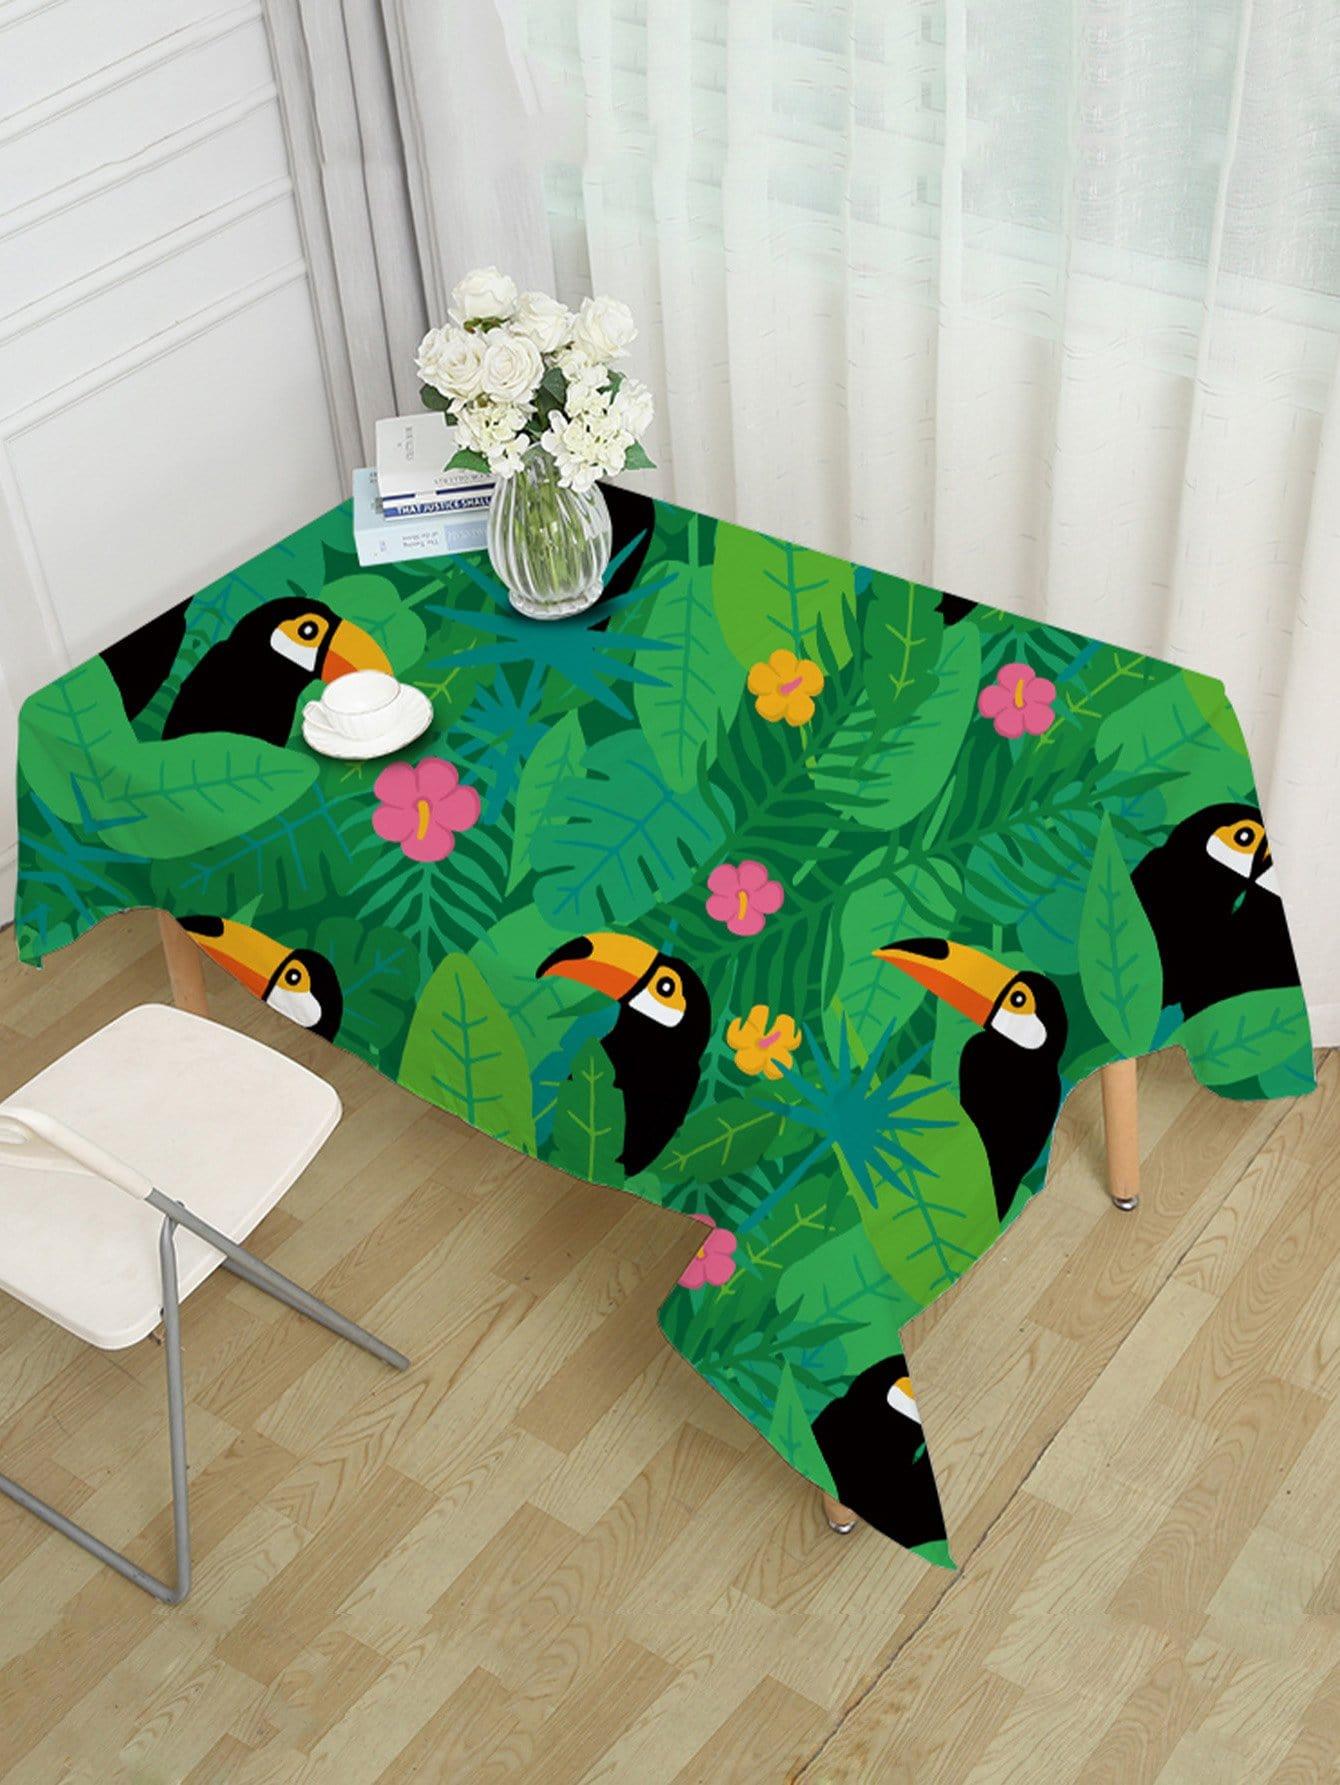 Floral & Birds Print Table Cloth